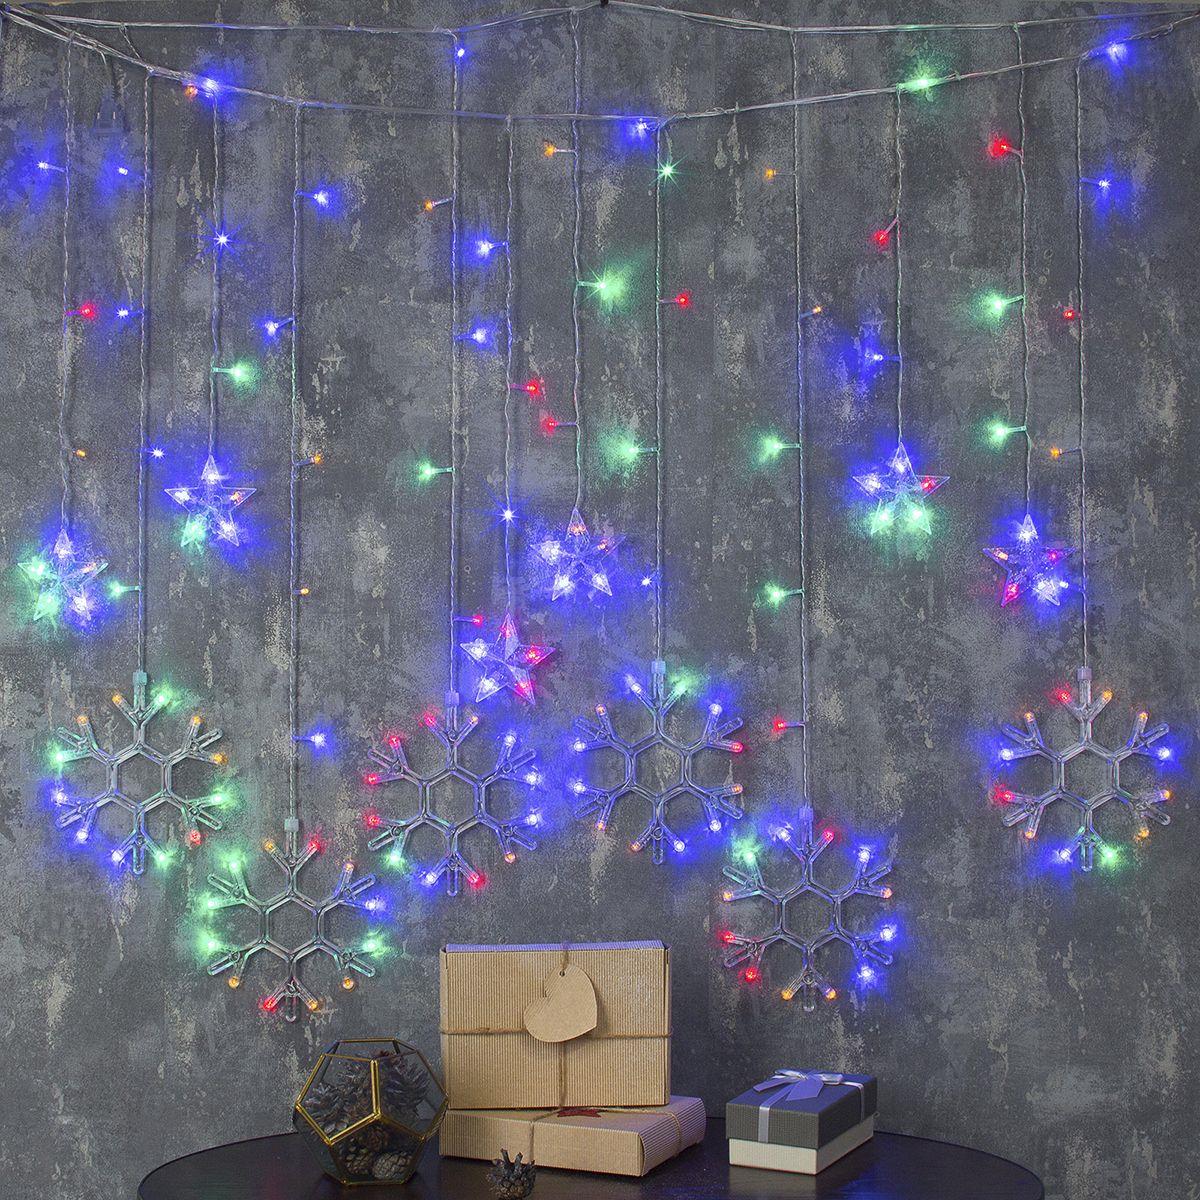 Гирлянда электрическая Luazon Lighting Бахрома. Снежинки, нить прозрачная, цвет: разноцветный, 150 LED, 220 V, 8 режимов, 2,4 х 0,9 м гирлянда уличная luazon lighting сеть умс нить прозрачная цвет разноцветный 192 led 2 х 1 5 м